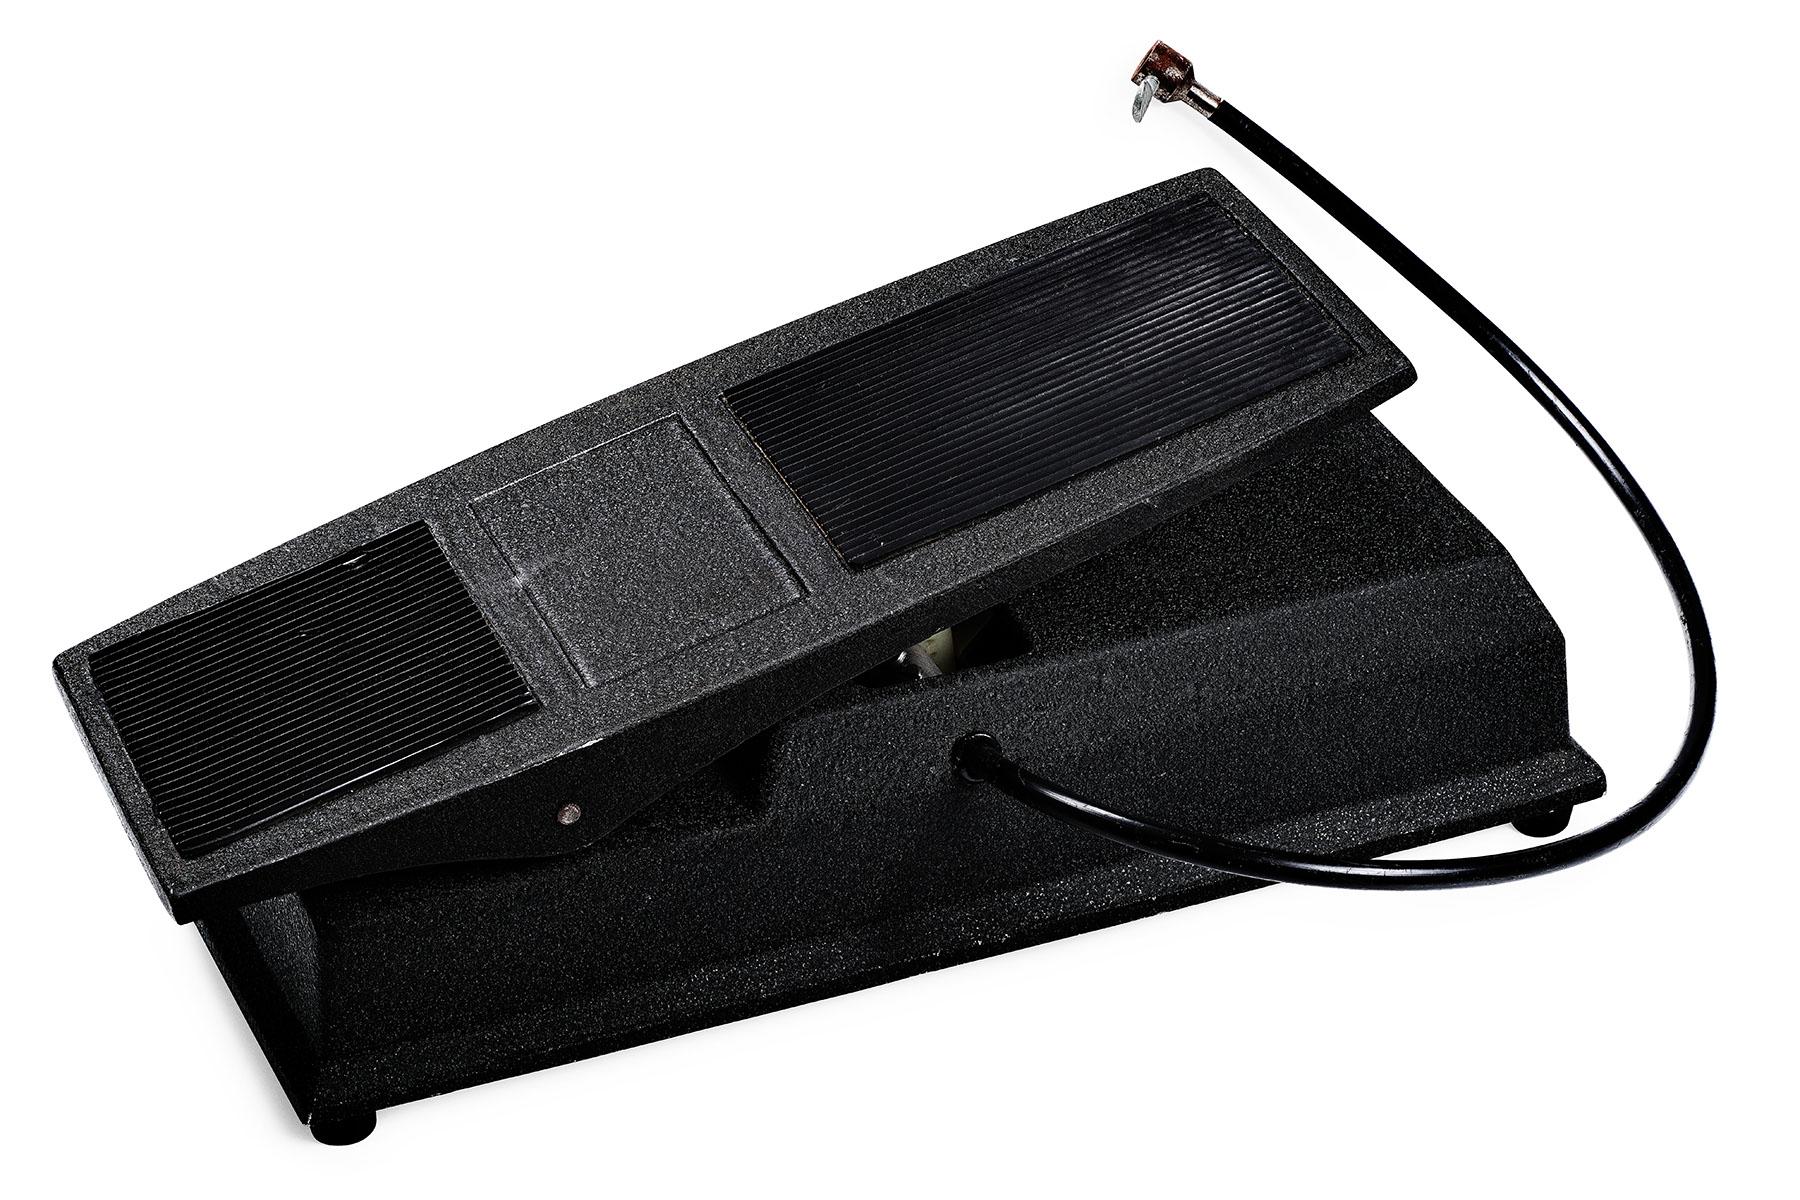 EHX Hotfoot Universal Pedal